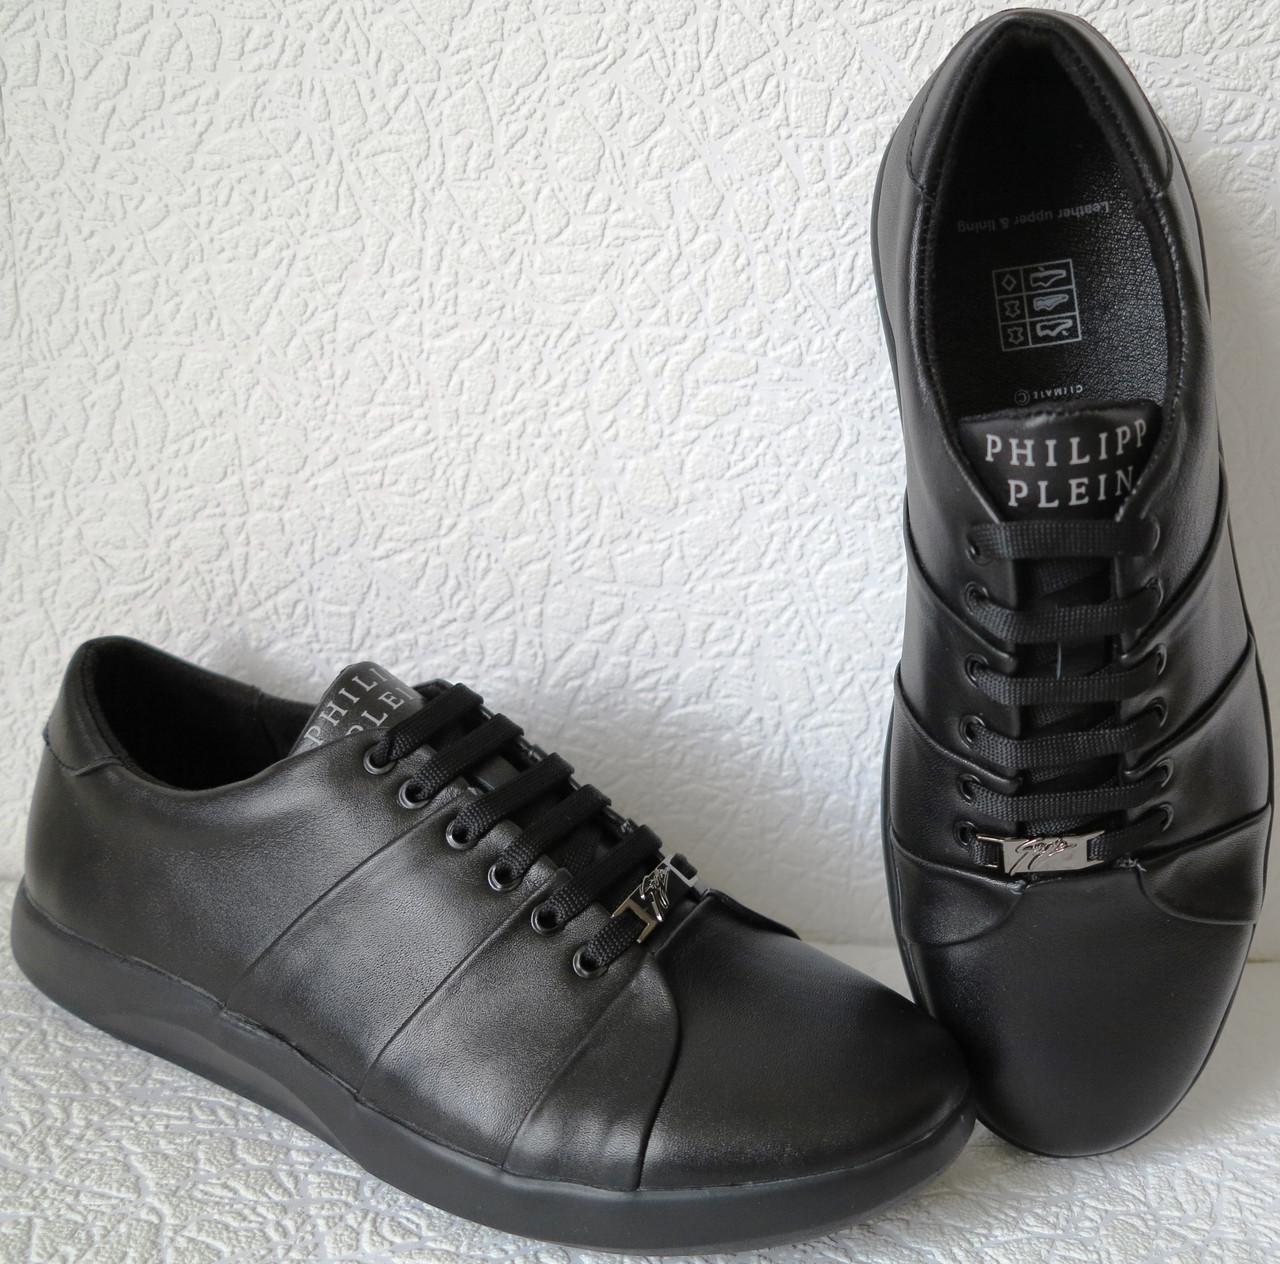 919e8d35e Мужские туфли кроссовки из черной натуральной кожи в стиле Филипп Плейн